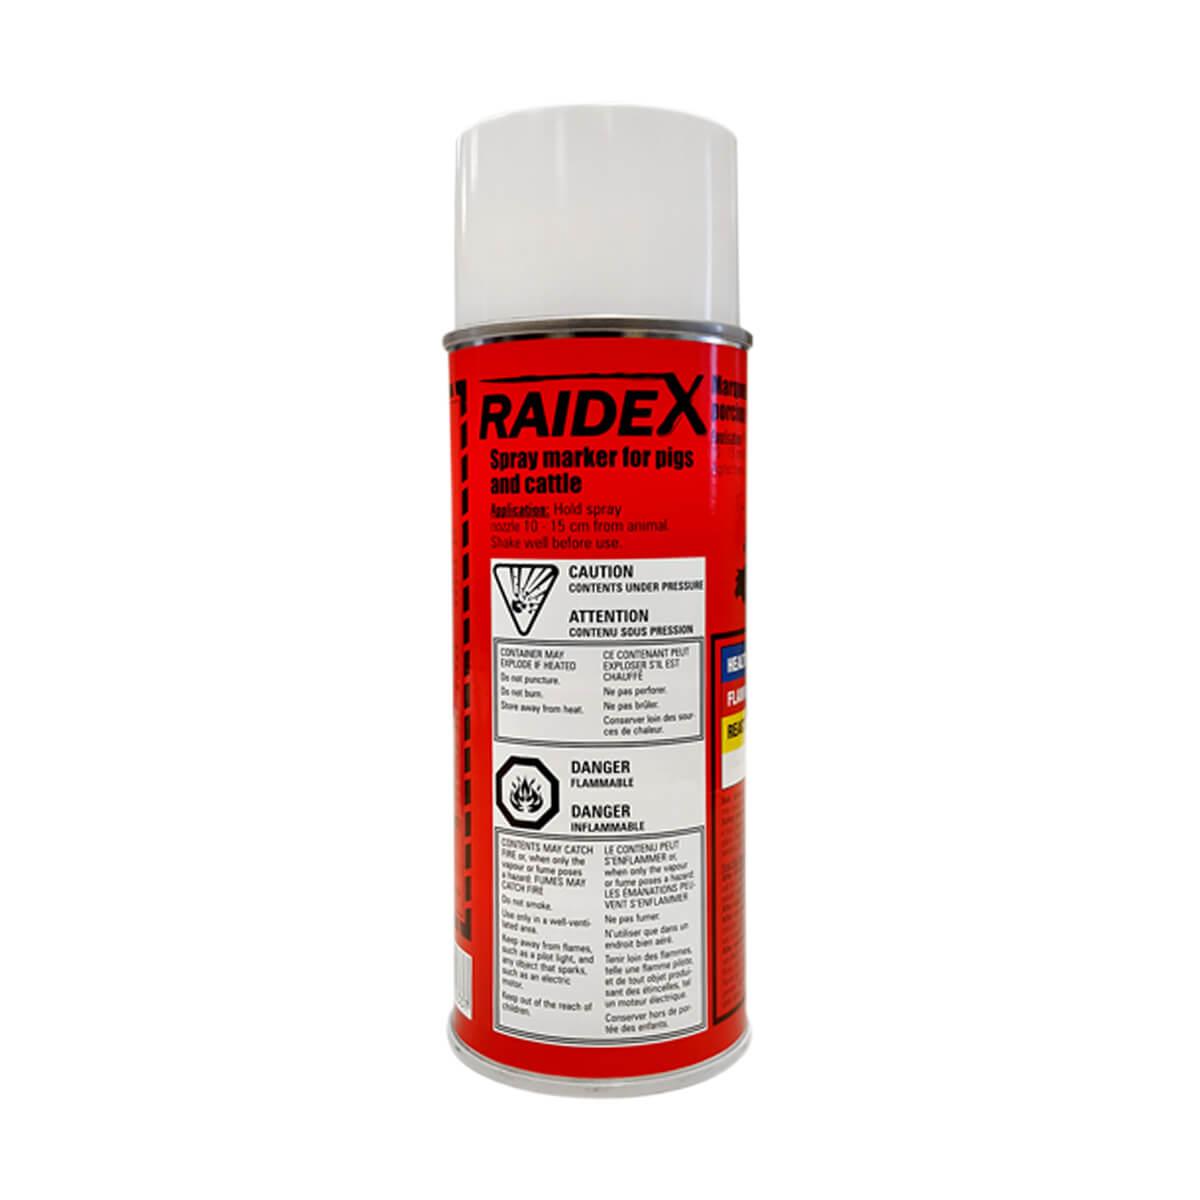 Raidex Marking Spray